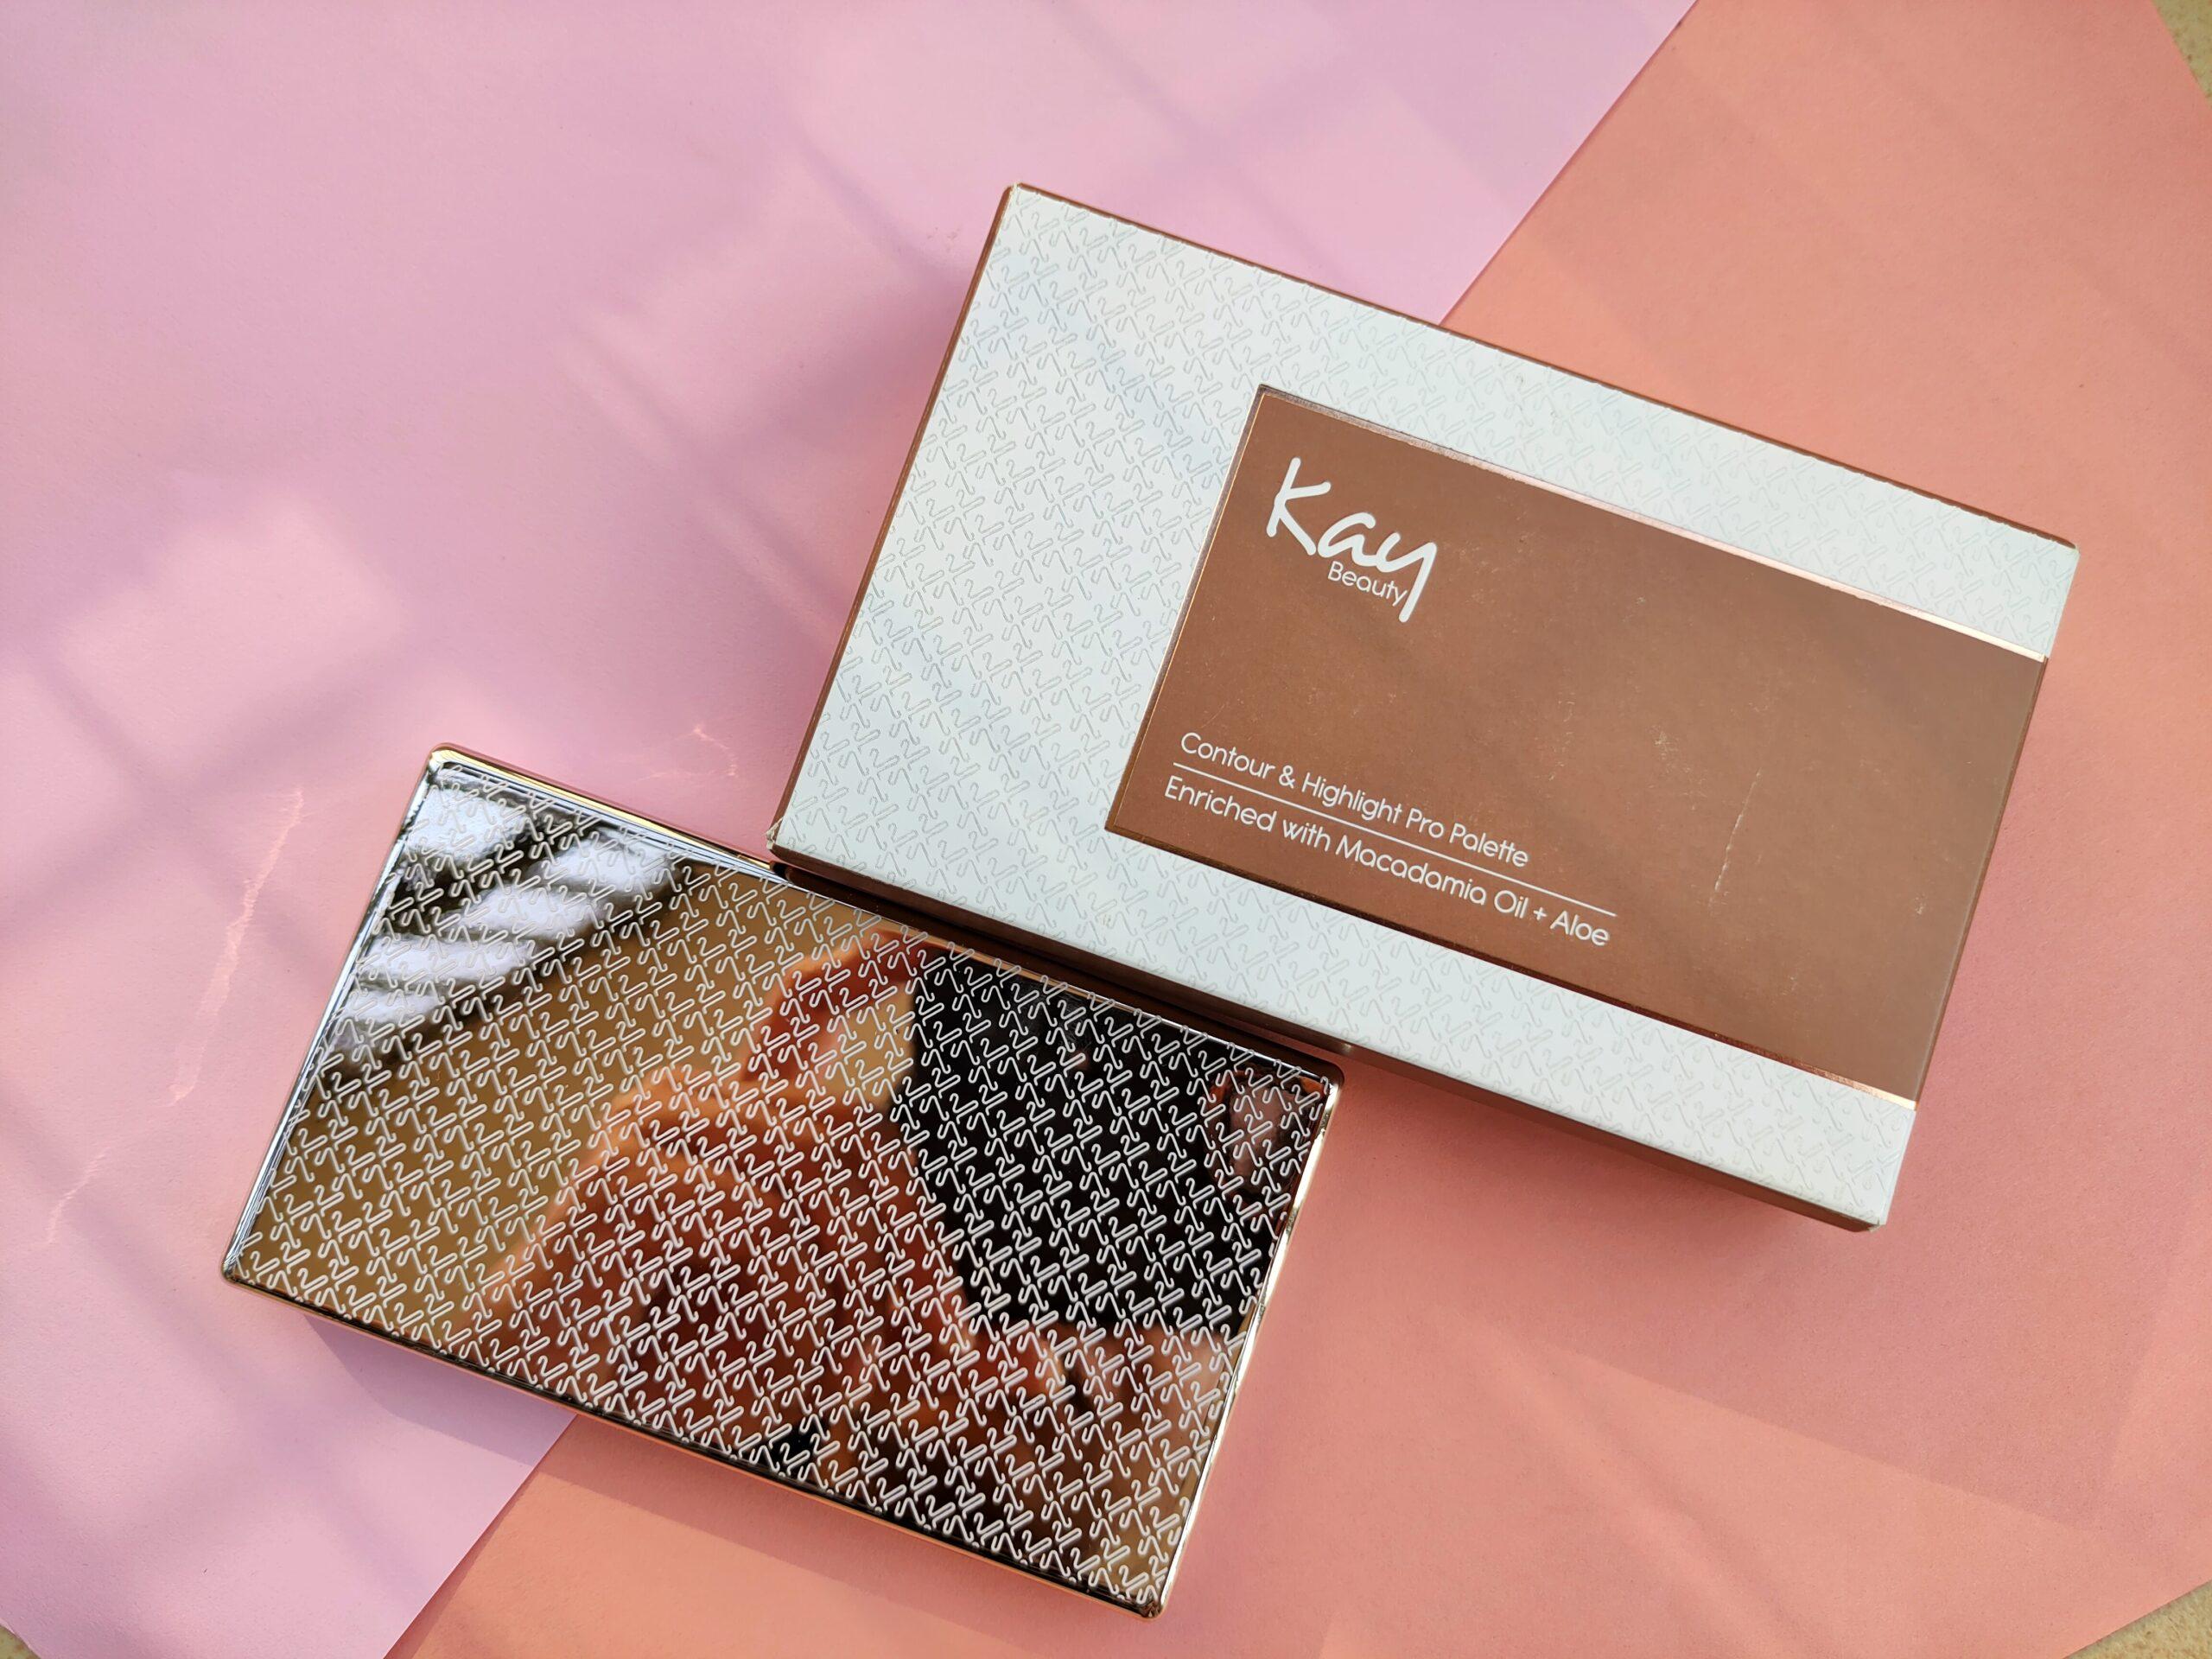 kay beauty contour palette review